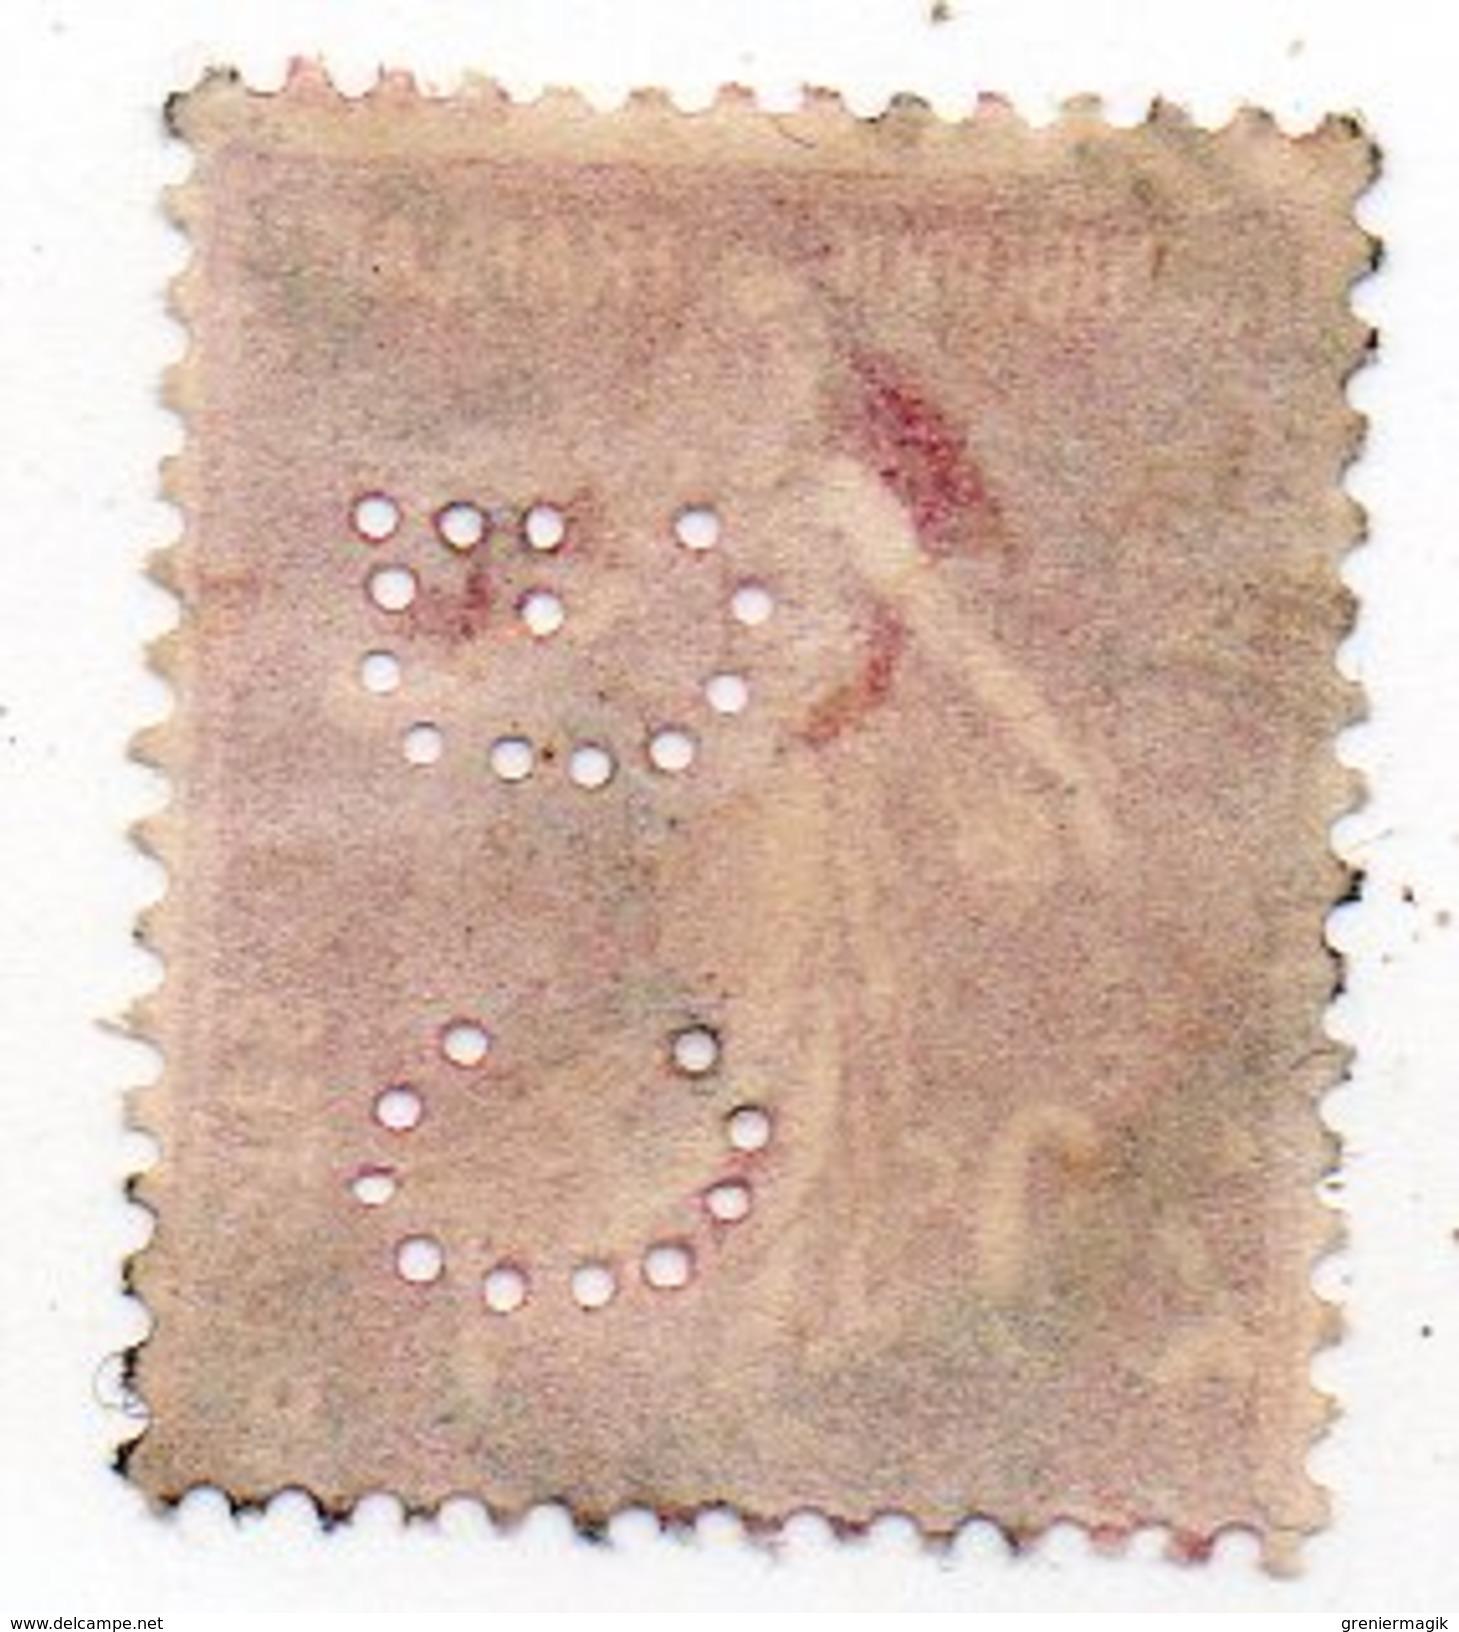 France - N°190 - 20c Semeuse Perforé C G - Piquage Décalé Signature En Haut - CG Perfin - Francia